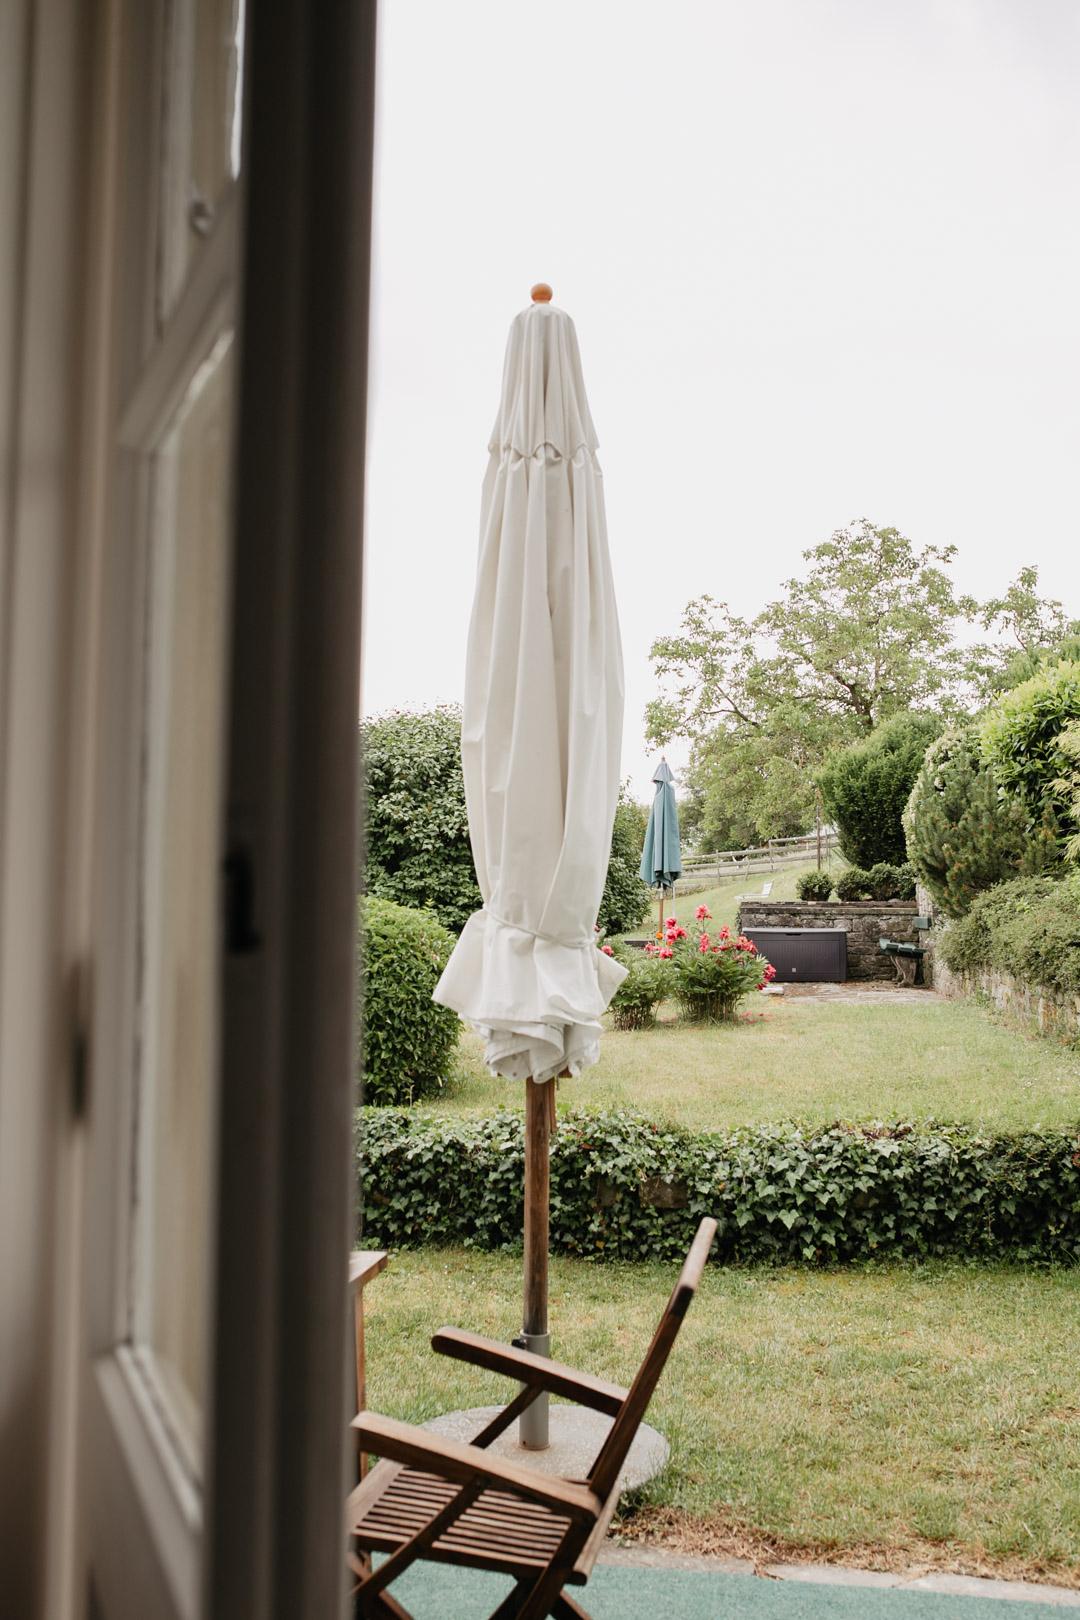 Urlaub in der Heimat // Pieces of Mariposa - Lifestyle Blog aus Nürnberg